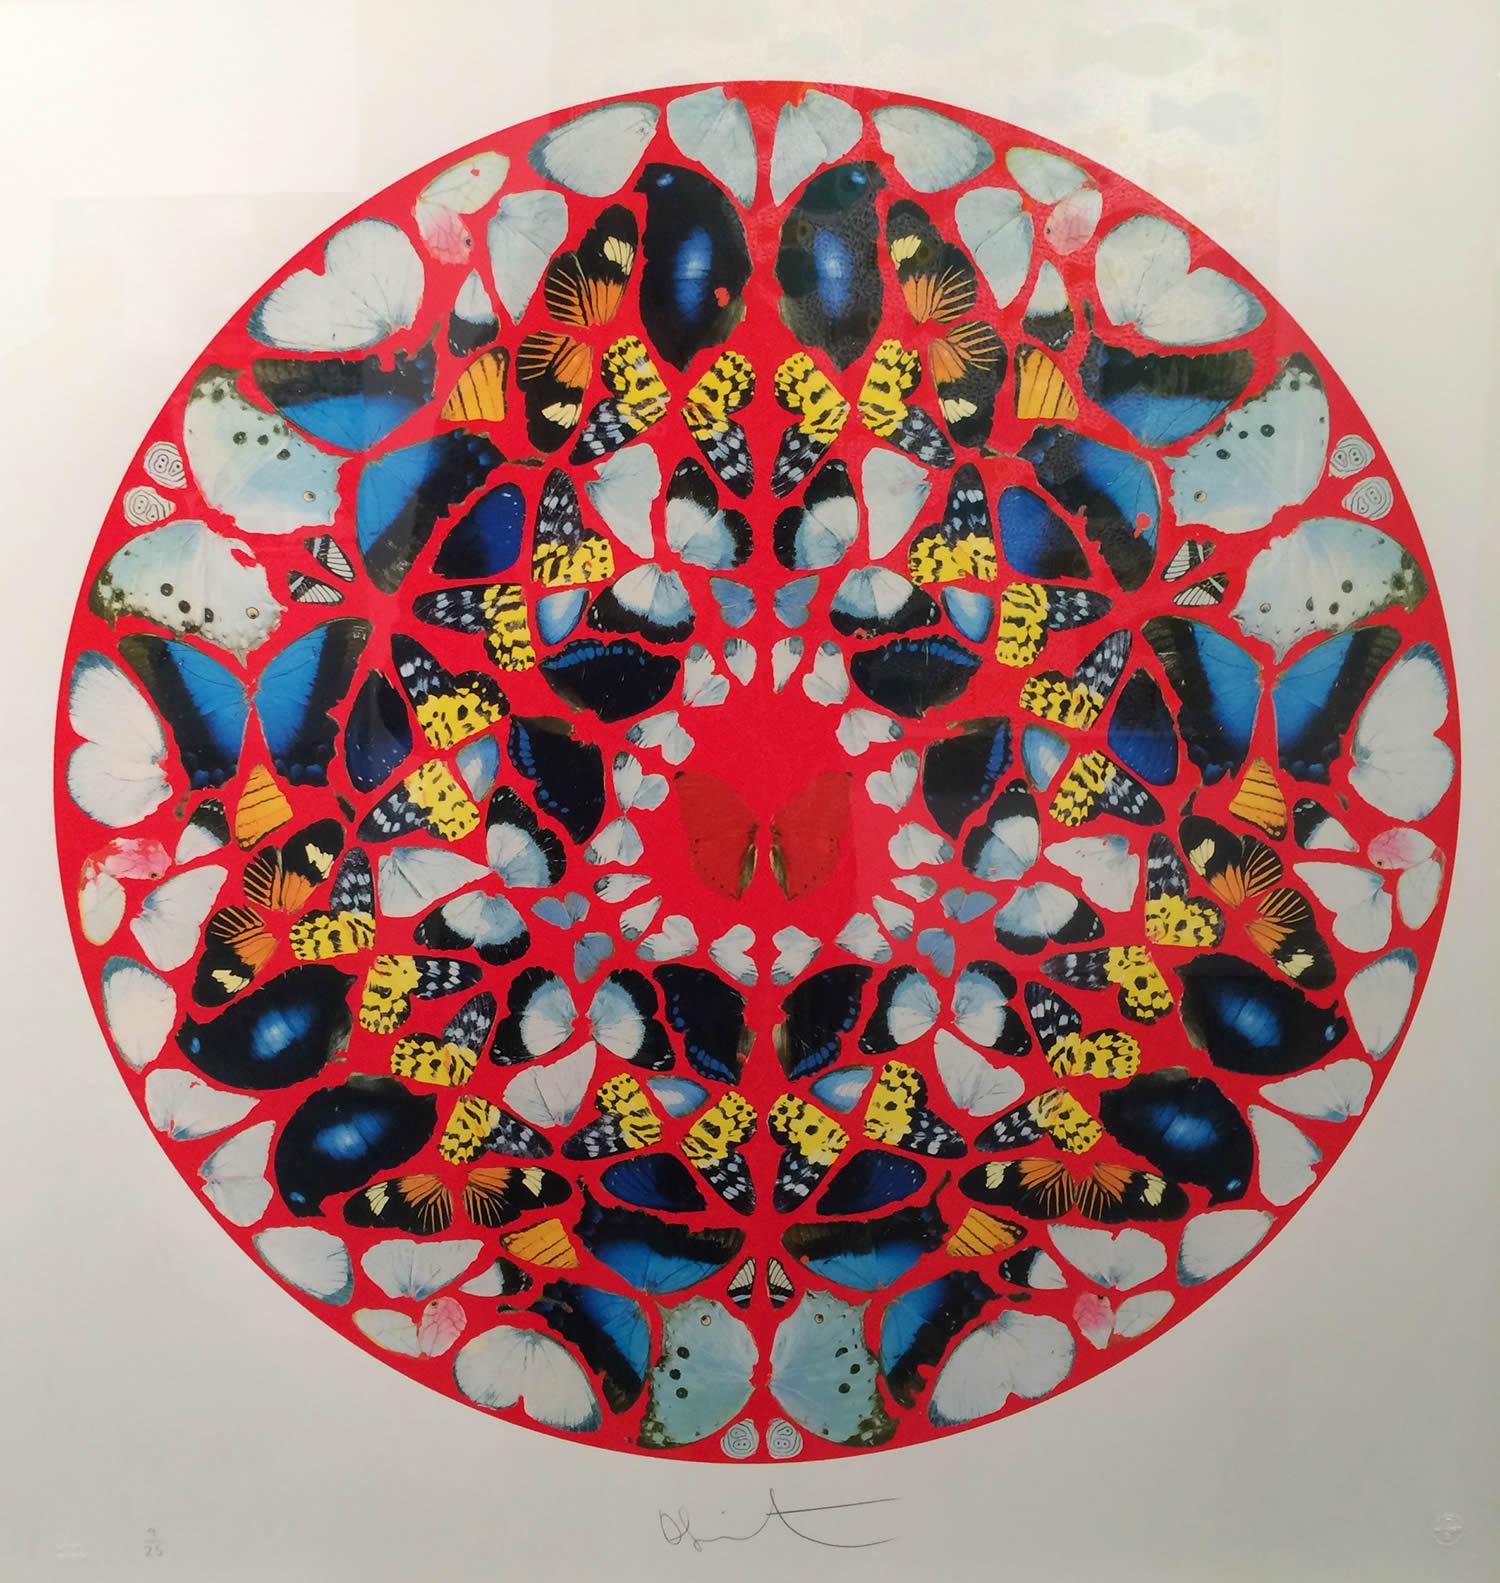 circle pattern art by damien hirst